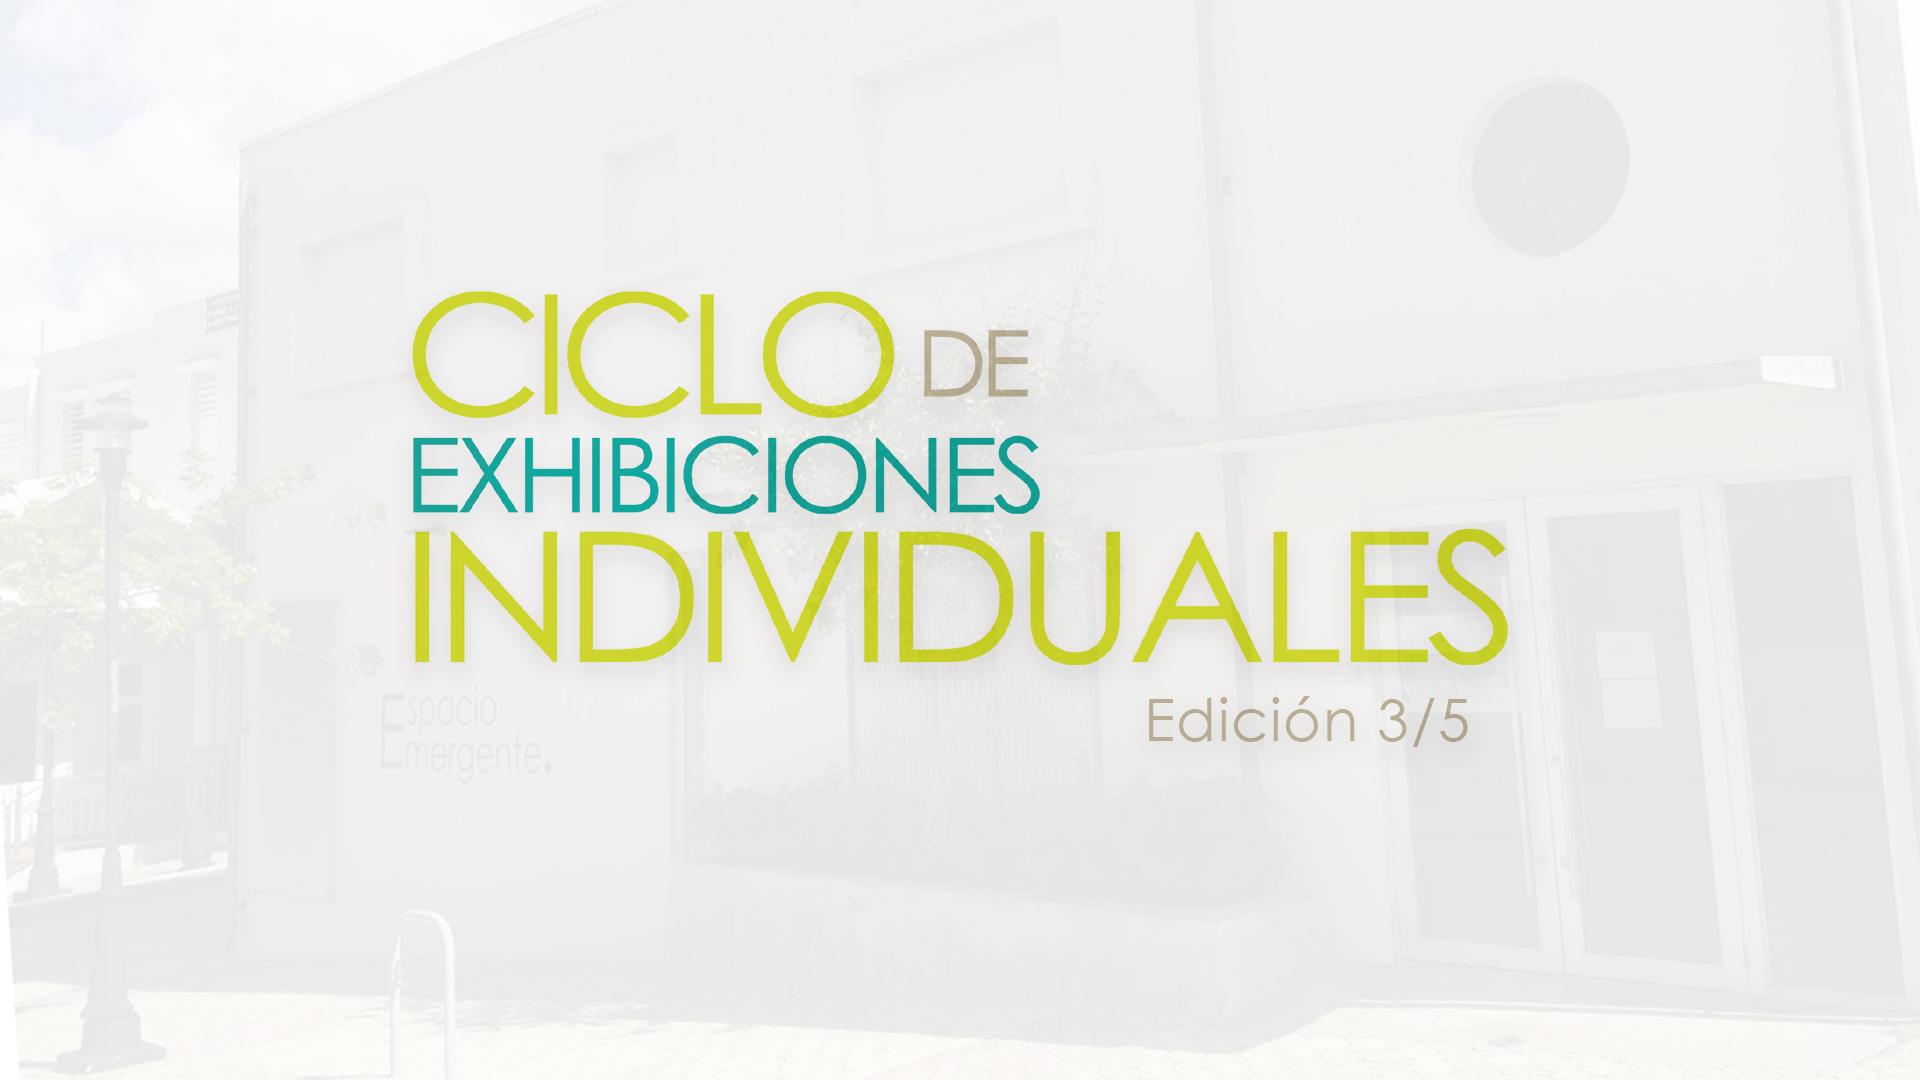 Ciclo de Exhibiciones Individuales 3/5 en Espacio Emergente